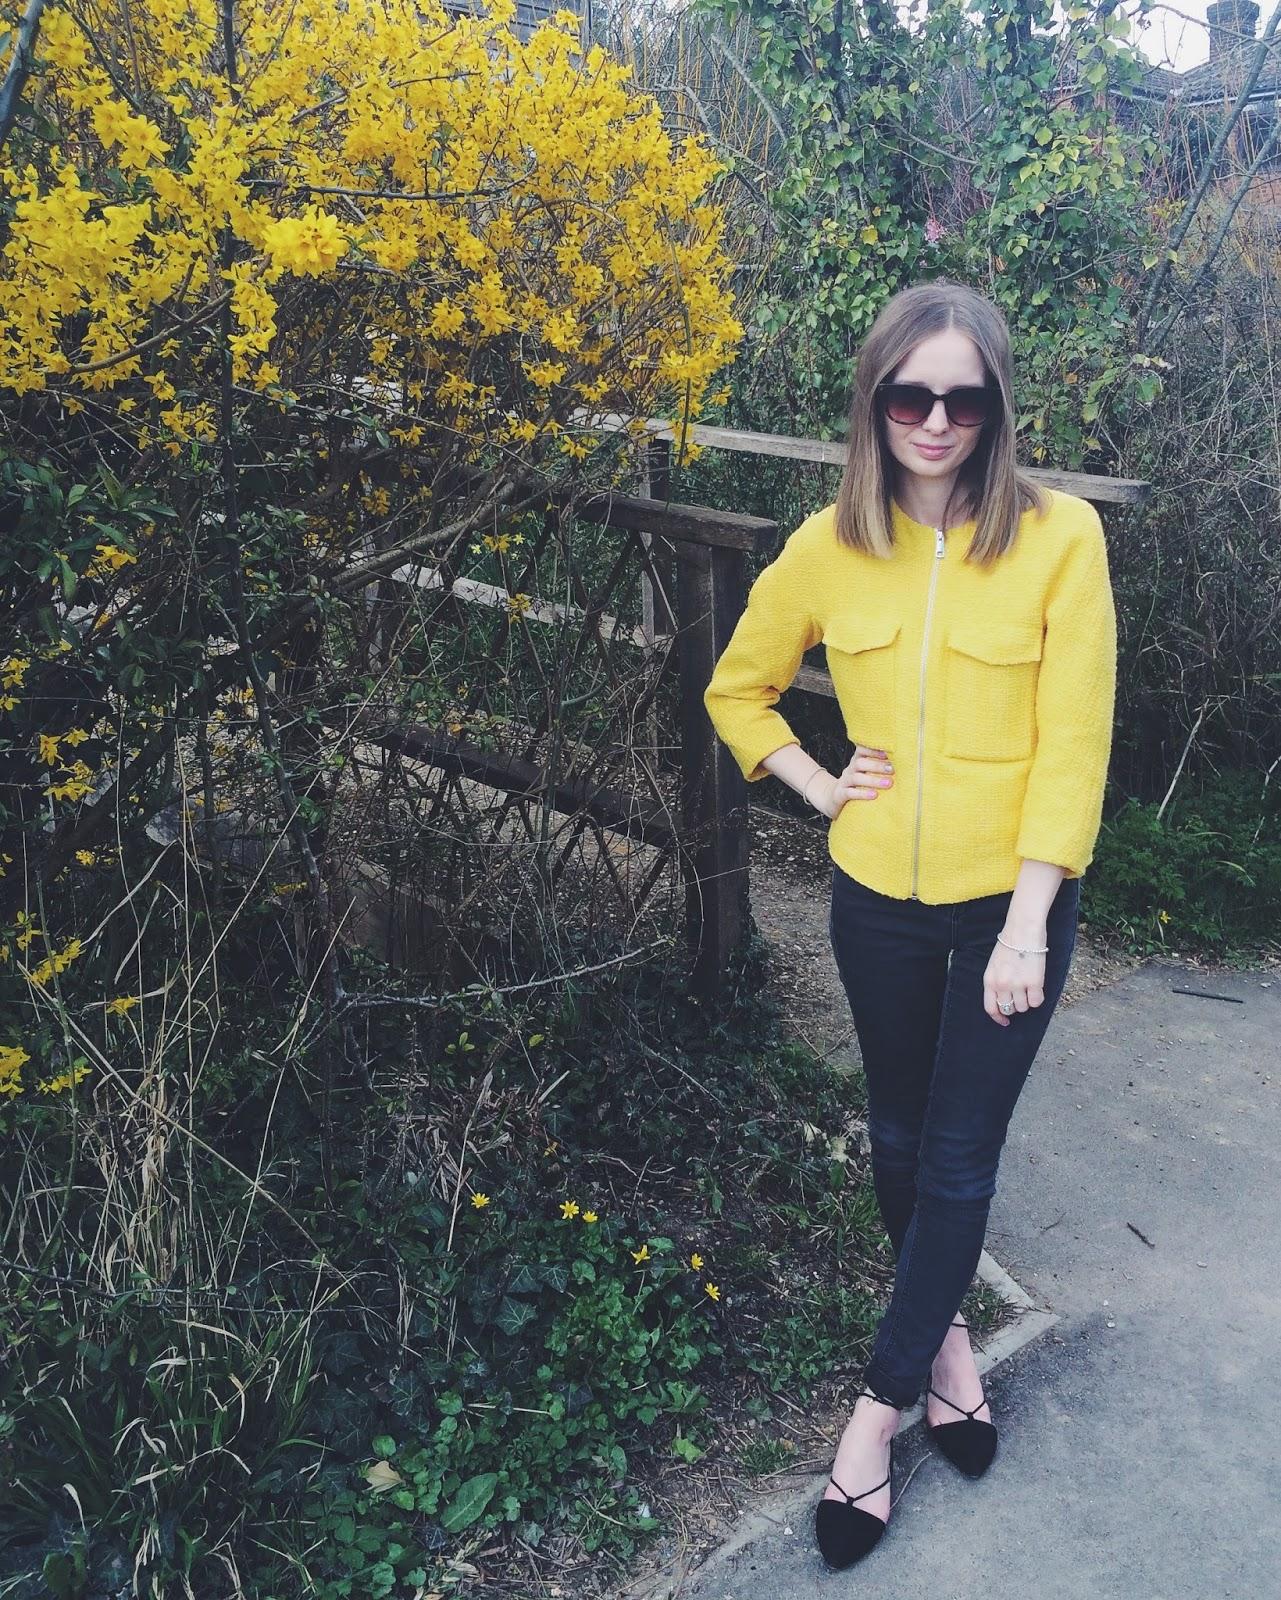 H&M Yellow Jacket, Next Ghillie Lace up pumps, Topshop MOTO black jeans